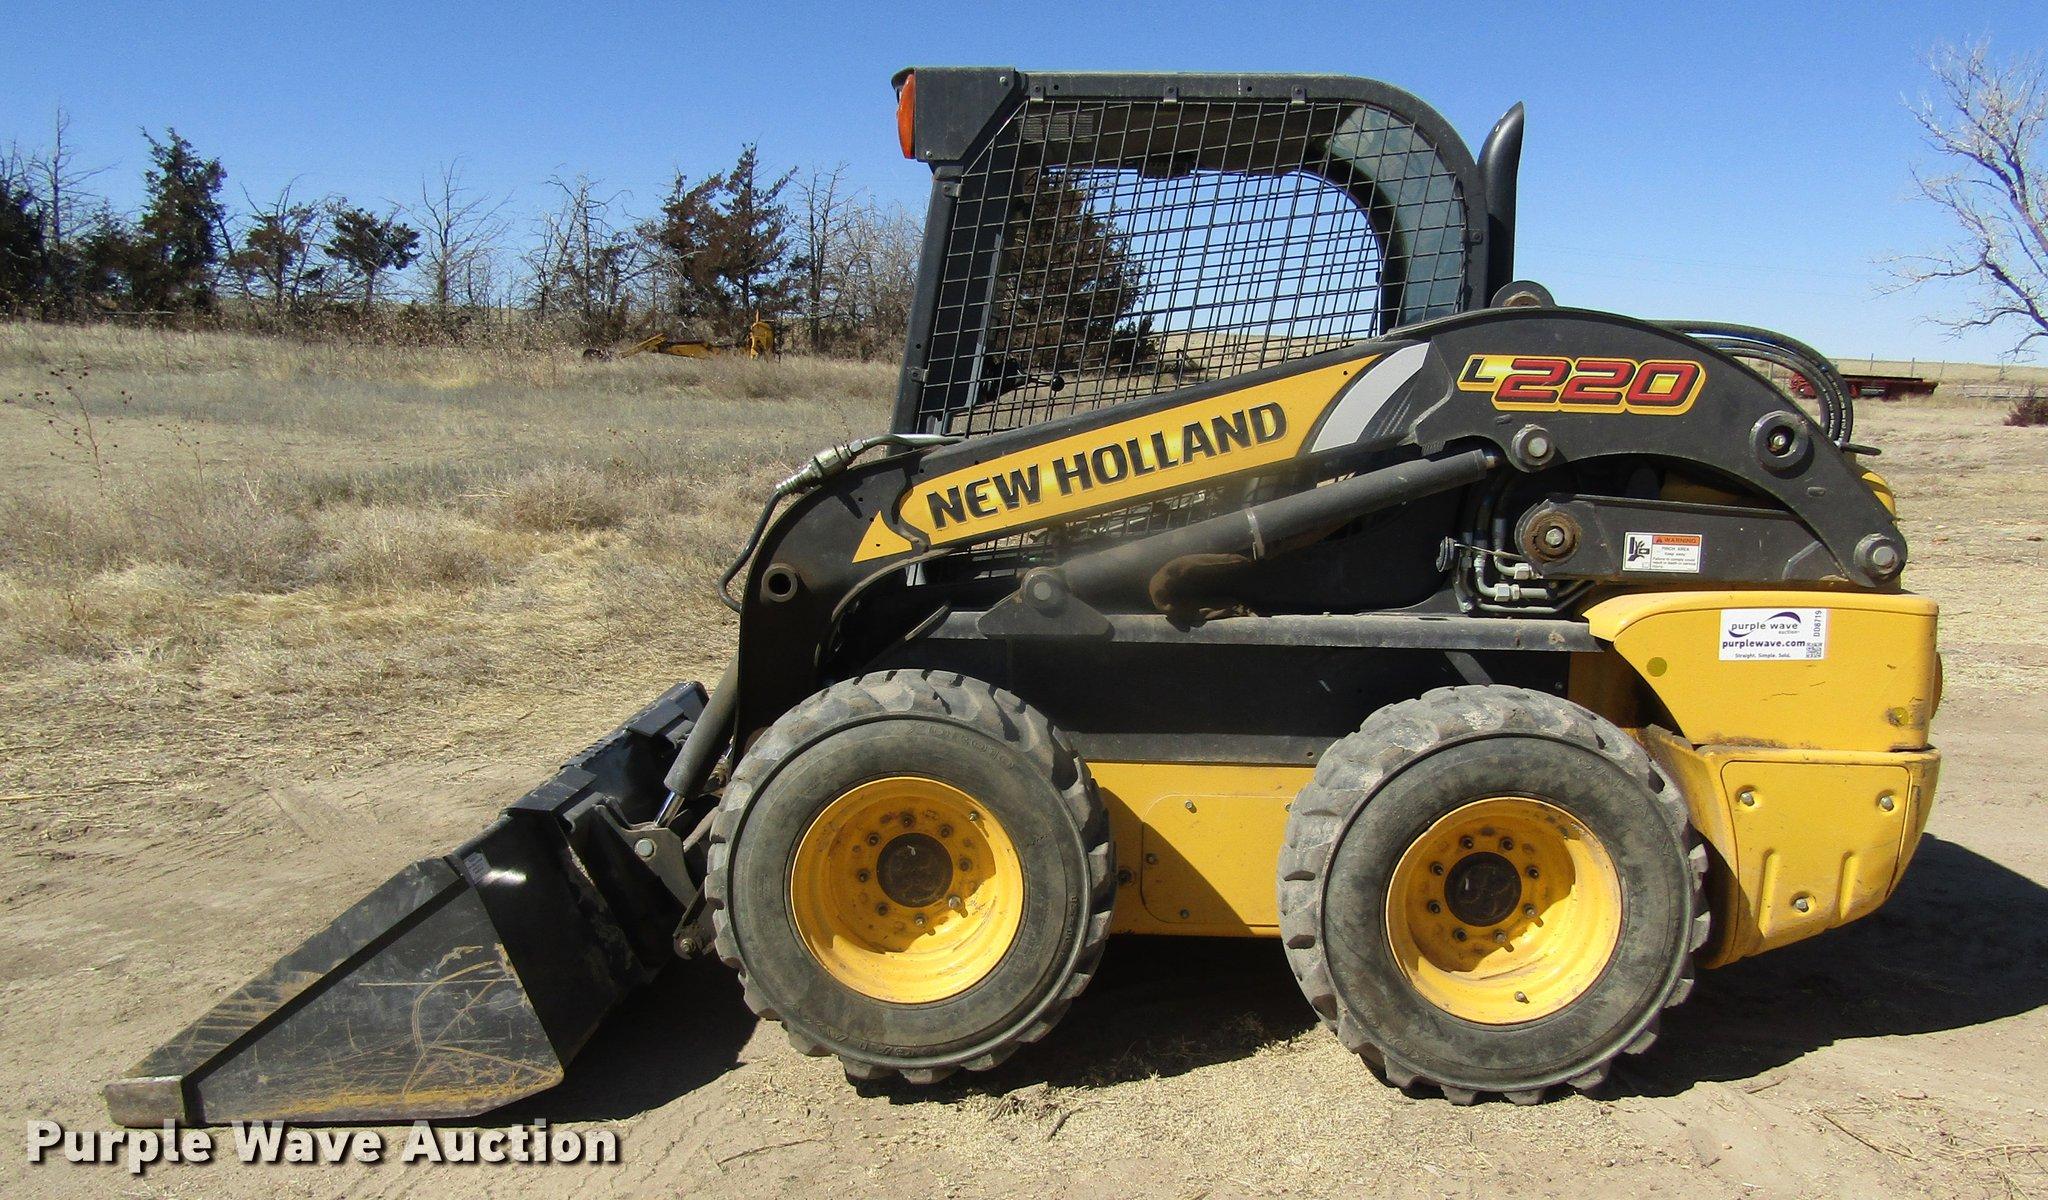 WRG-2562] New Holland L220 Skid Steer Operators Manual on